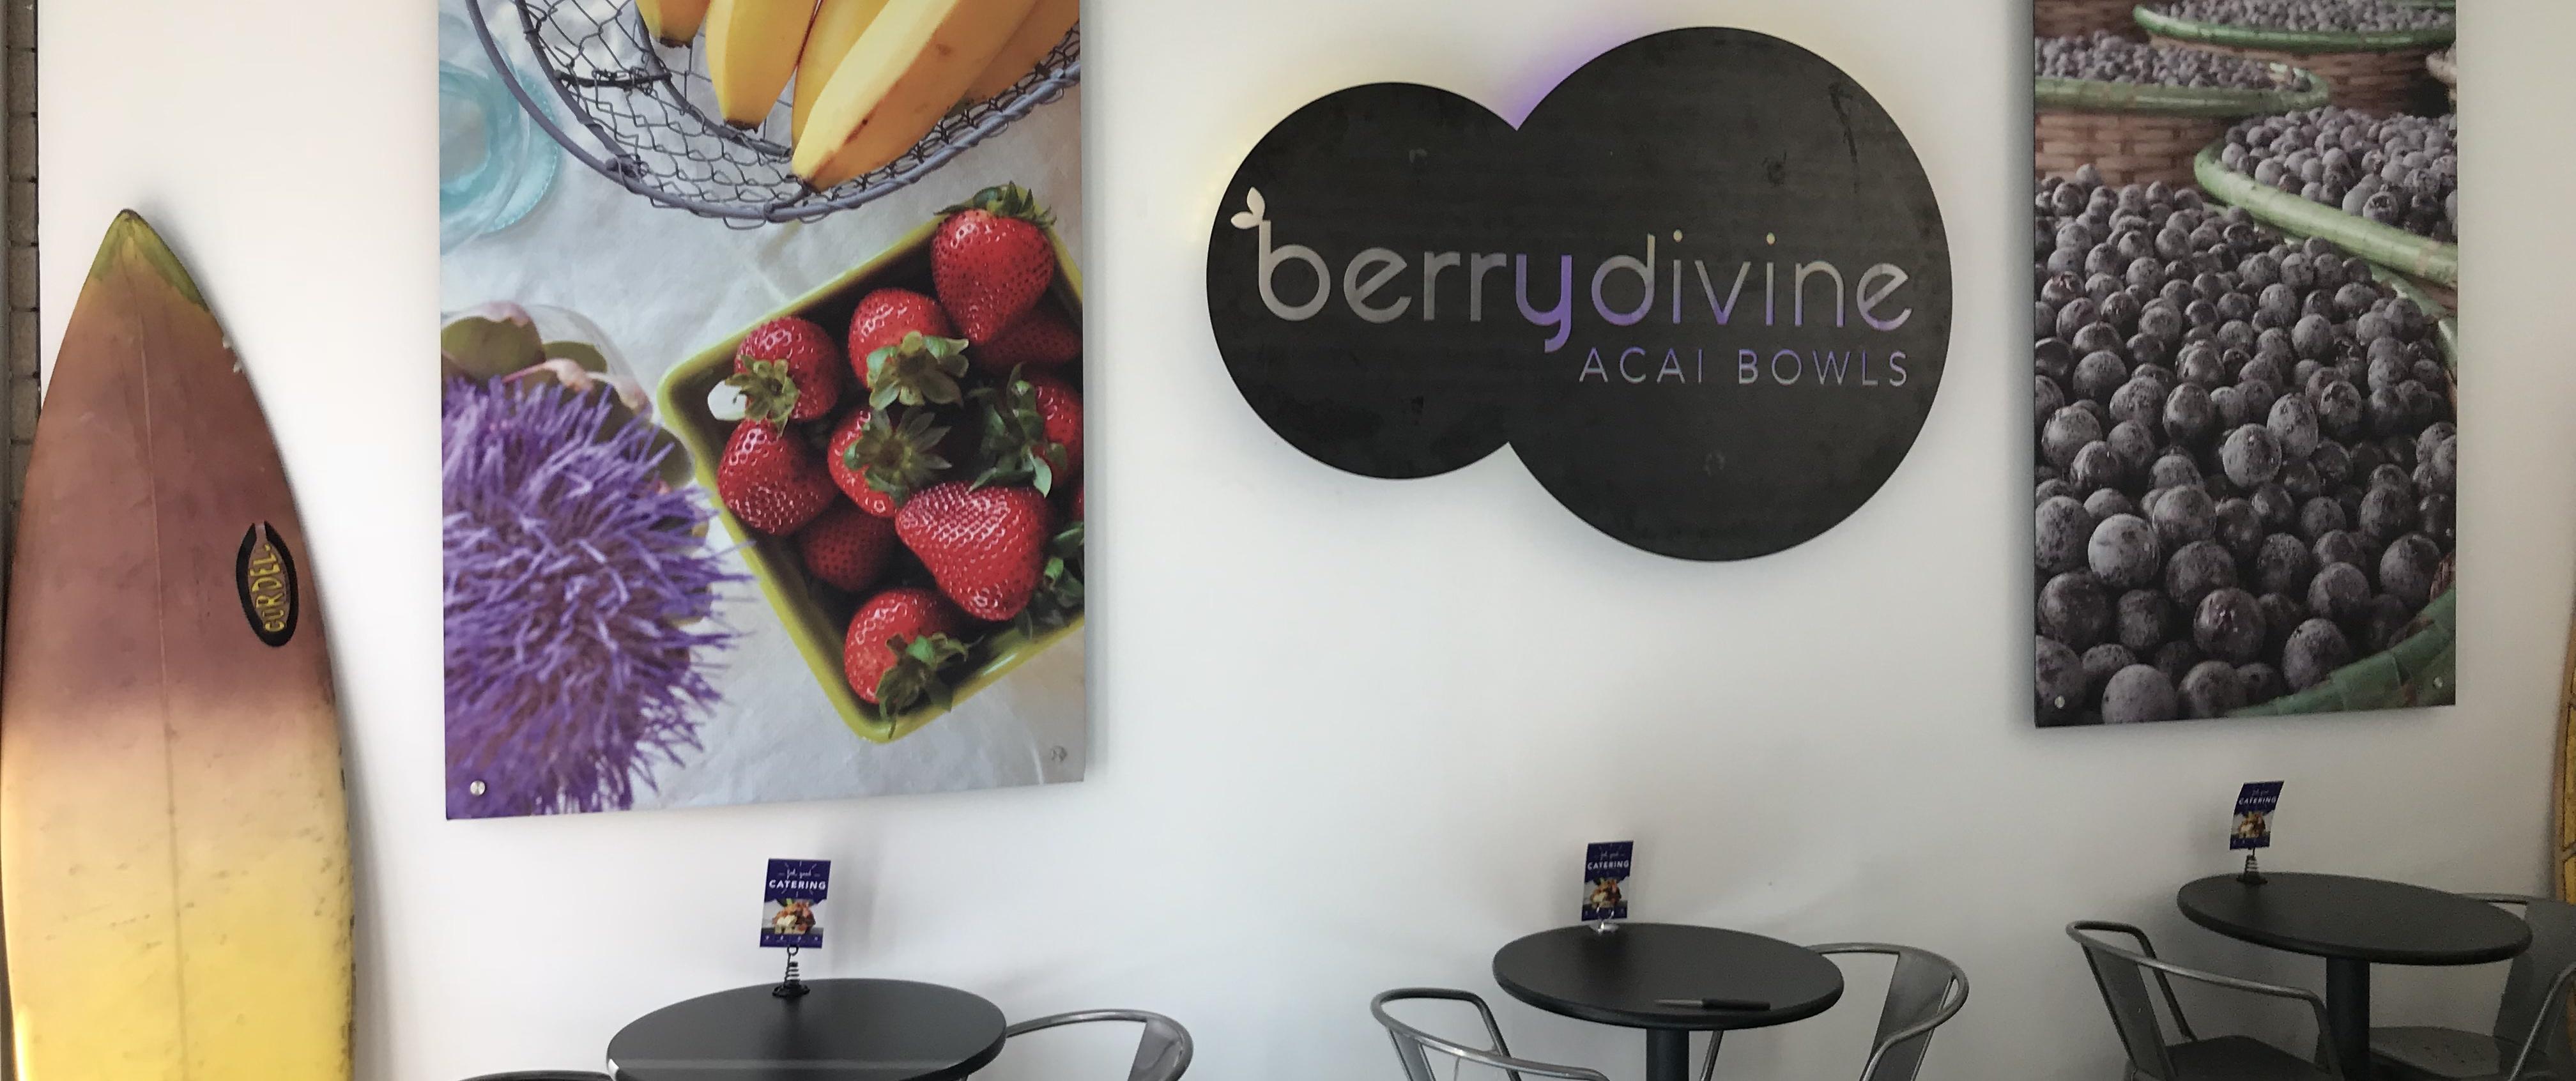 Berry Divine Acai Bowls - Tucson, AZ | Vestis Group | Tenant Representation